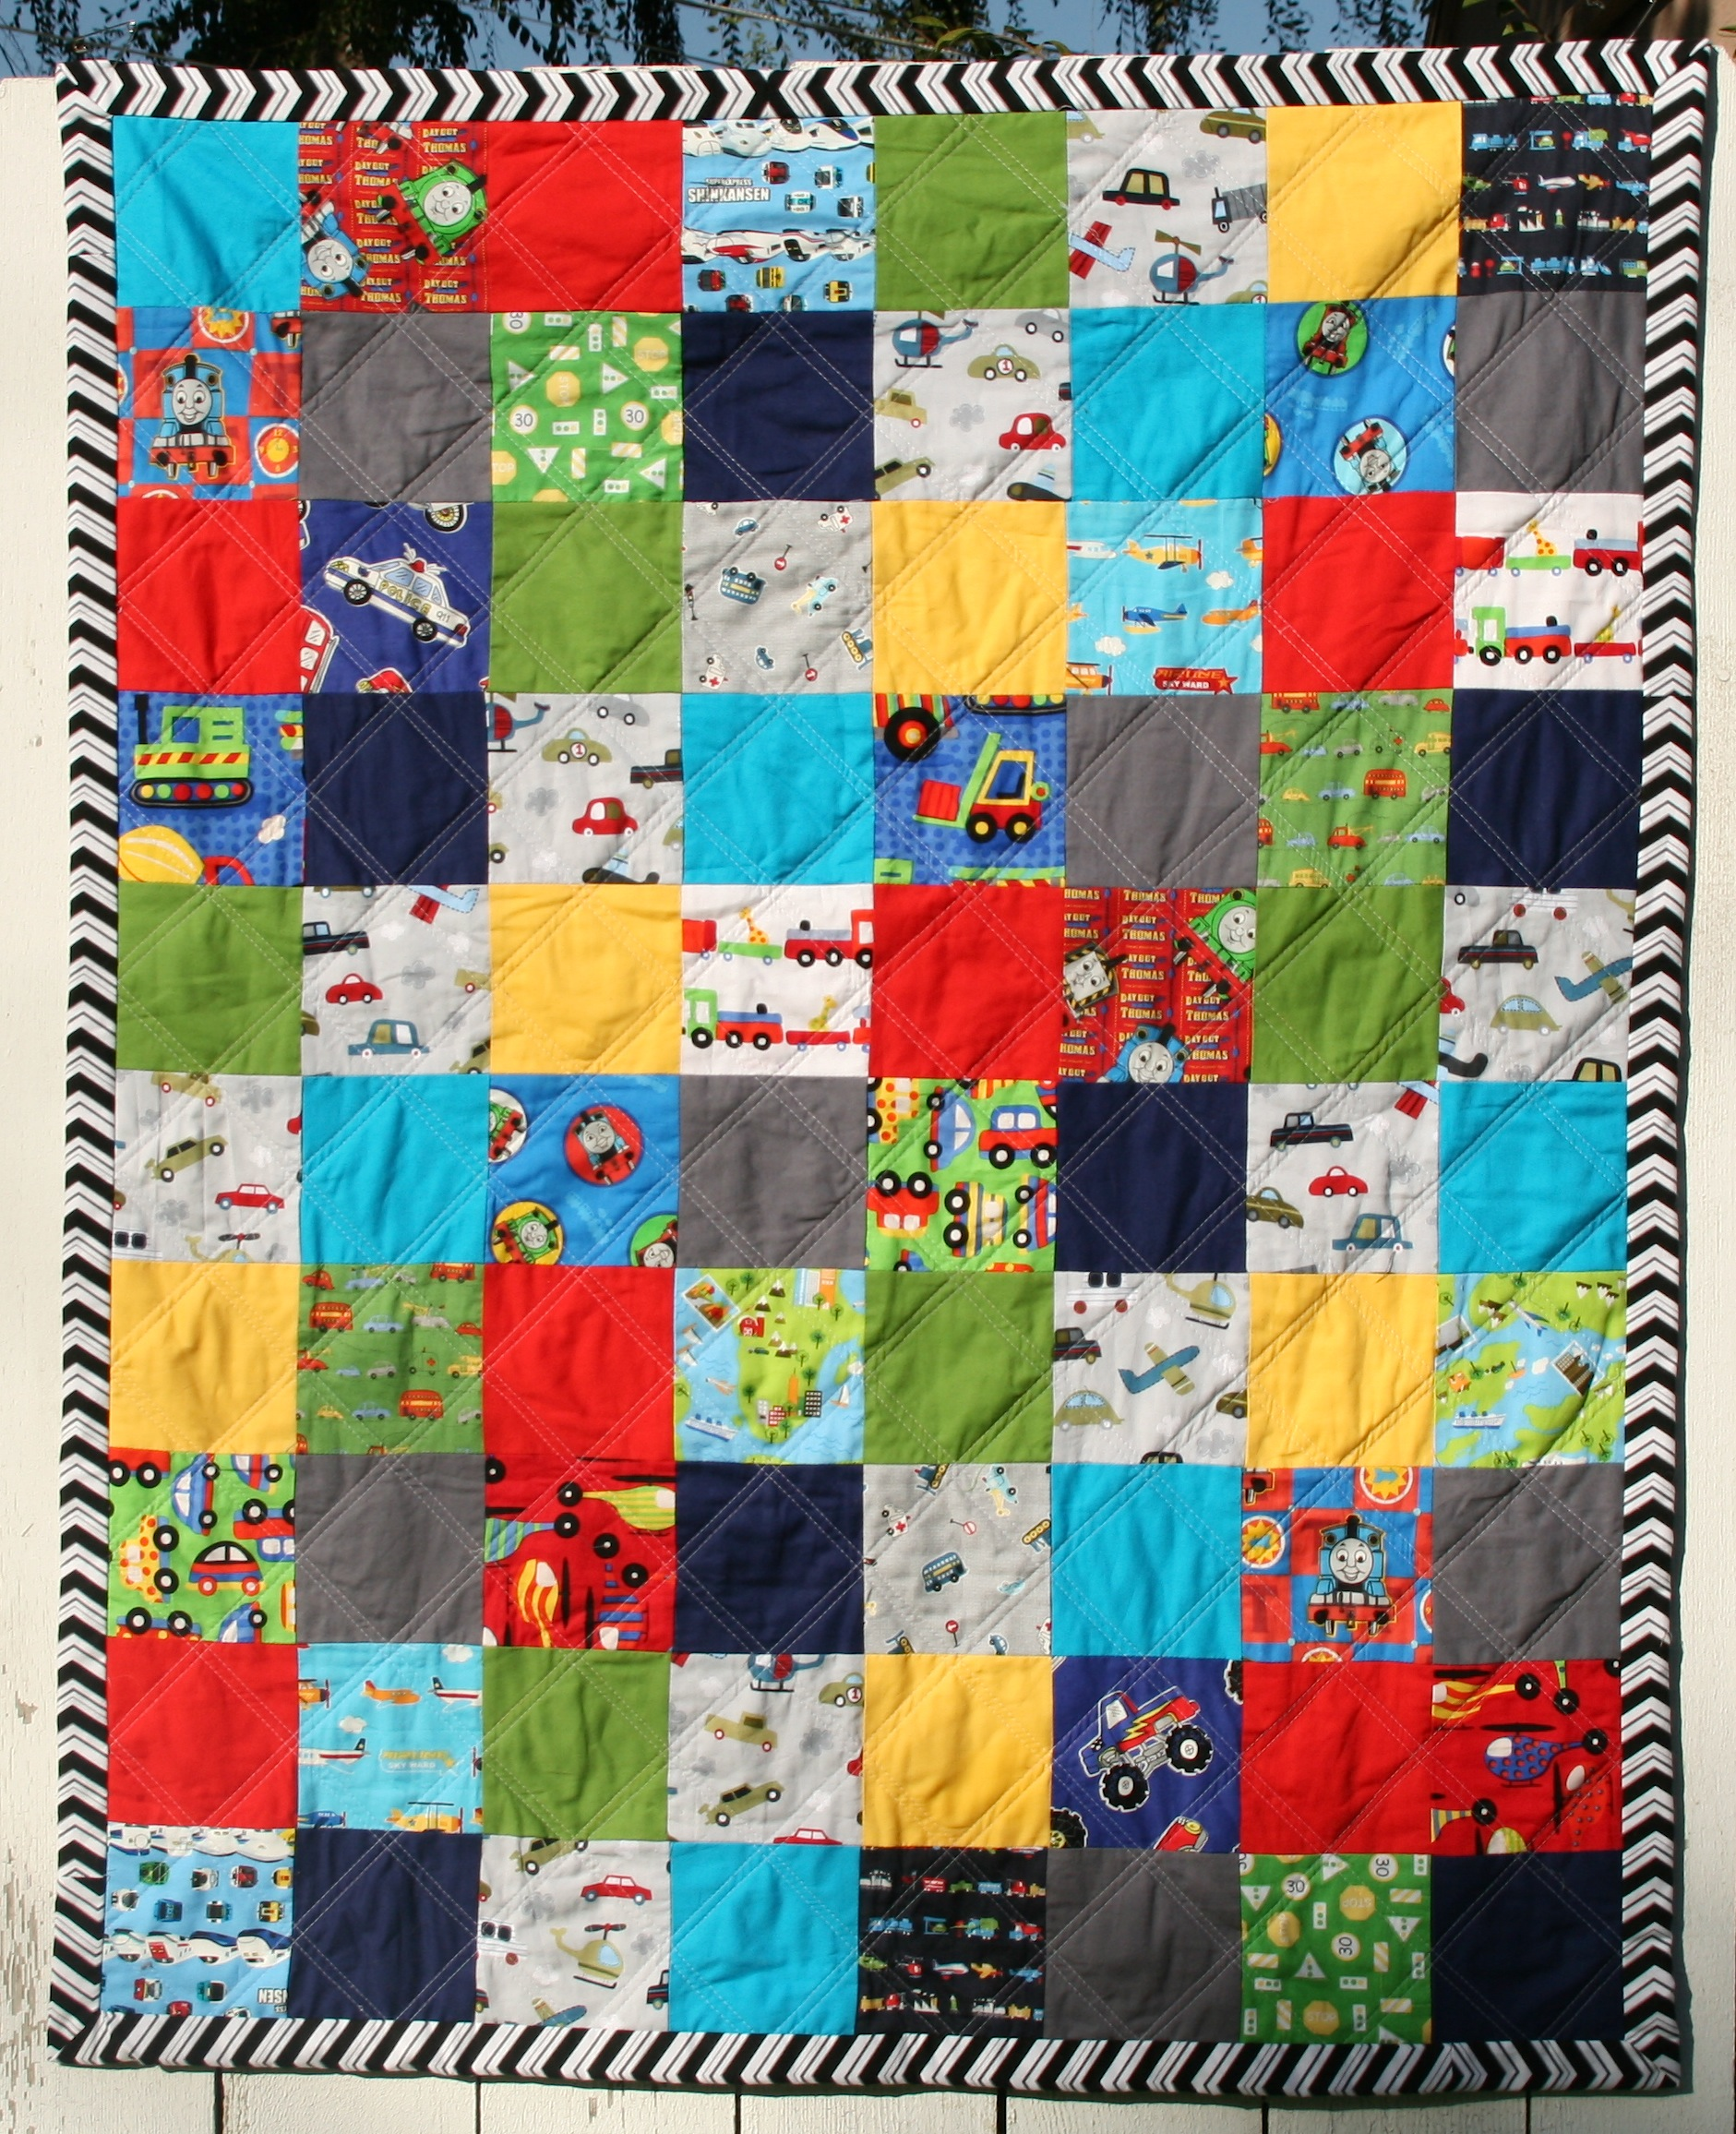 Transportation Quilt : transportation quilt - Adamdwight.com